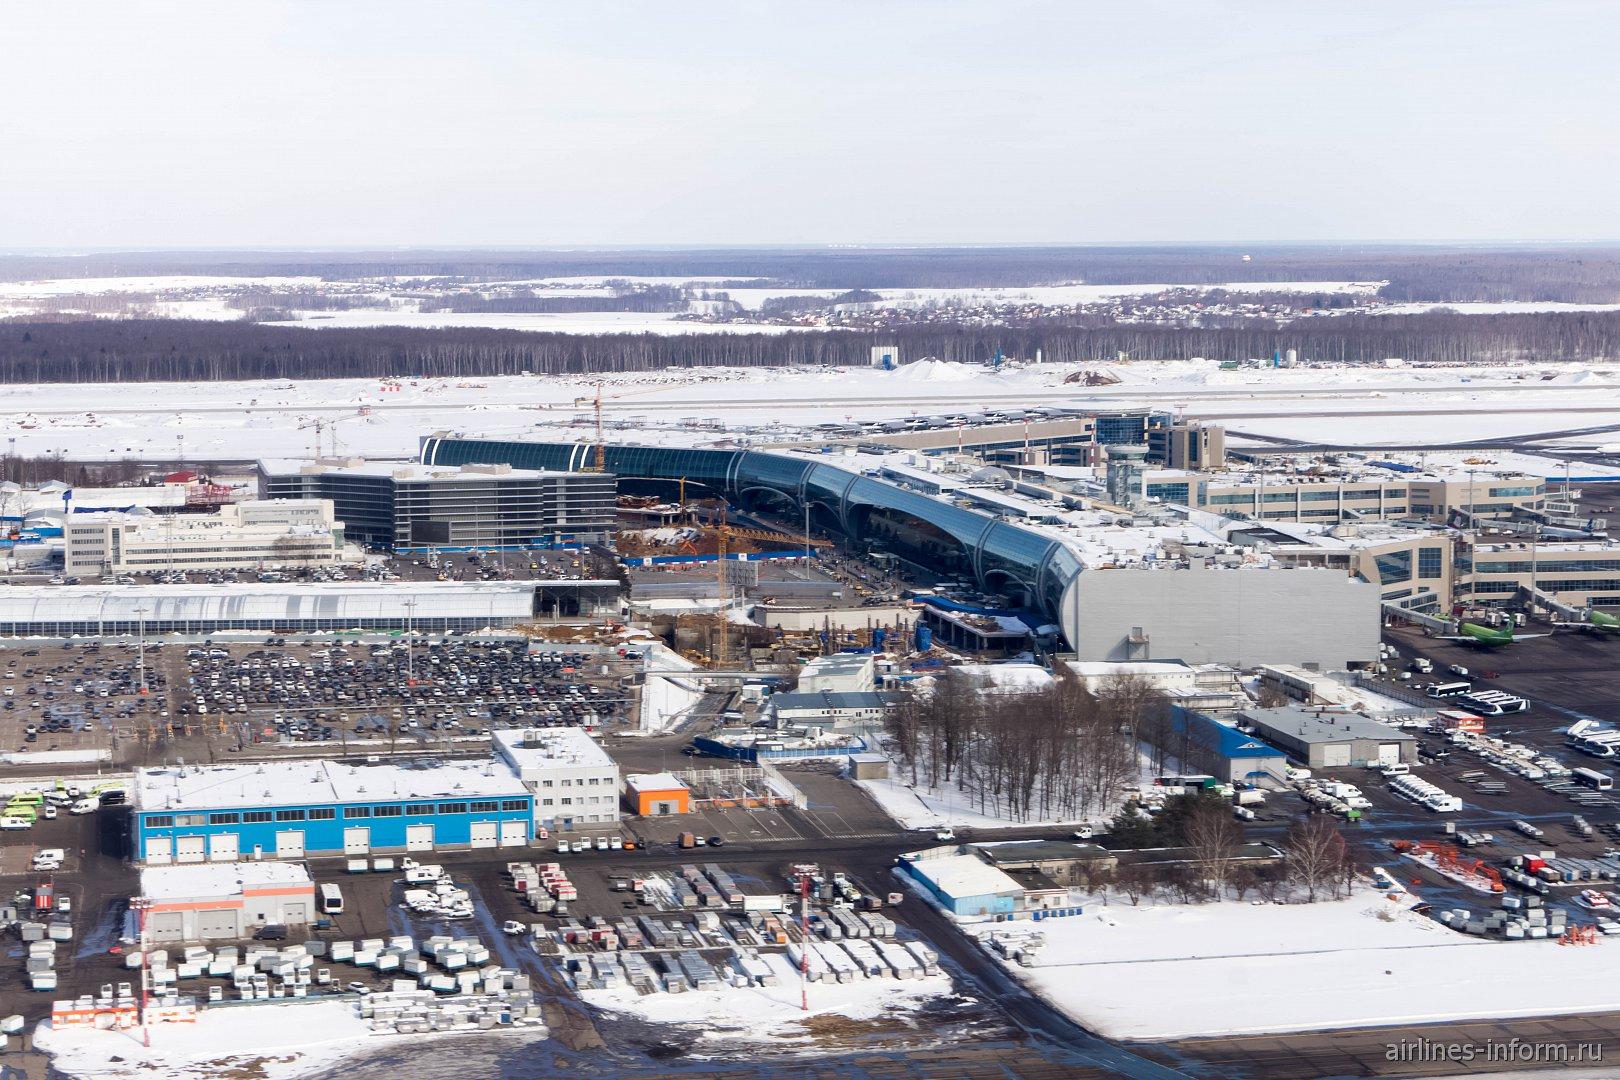 Пассажирский терминал и привокзальная площадь аэропорта Москва Домодедово